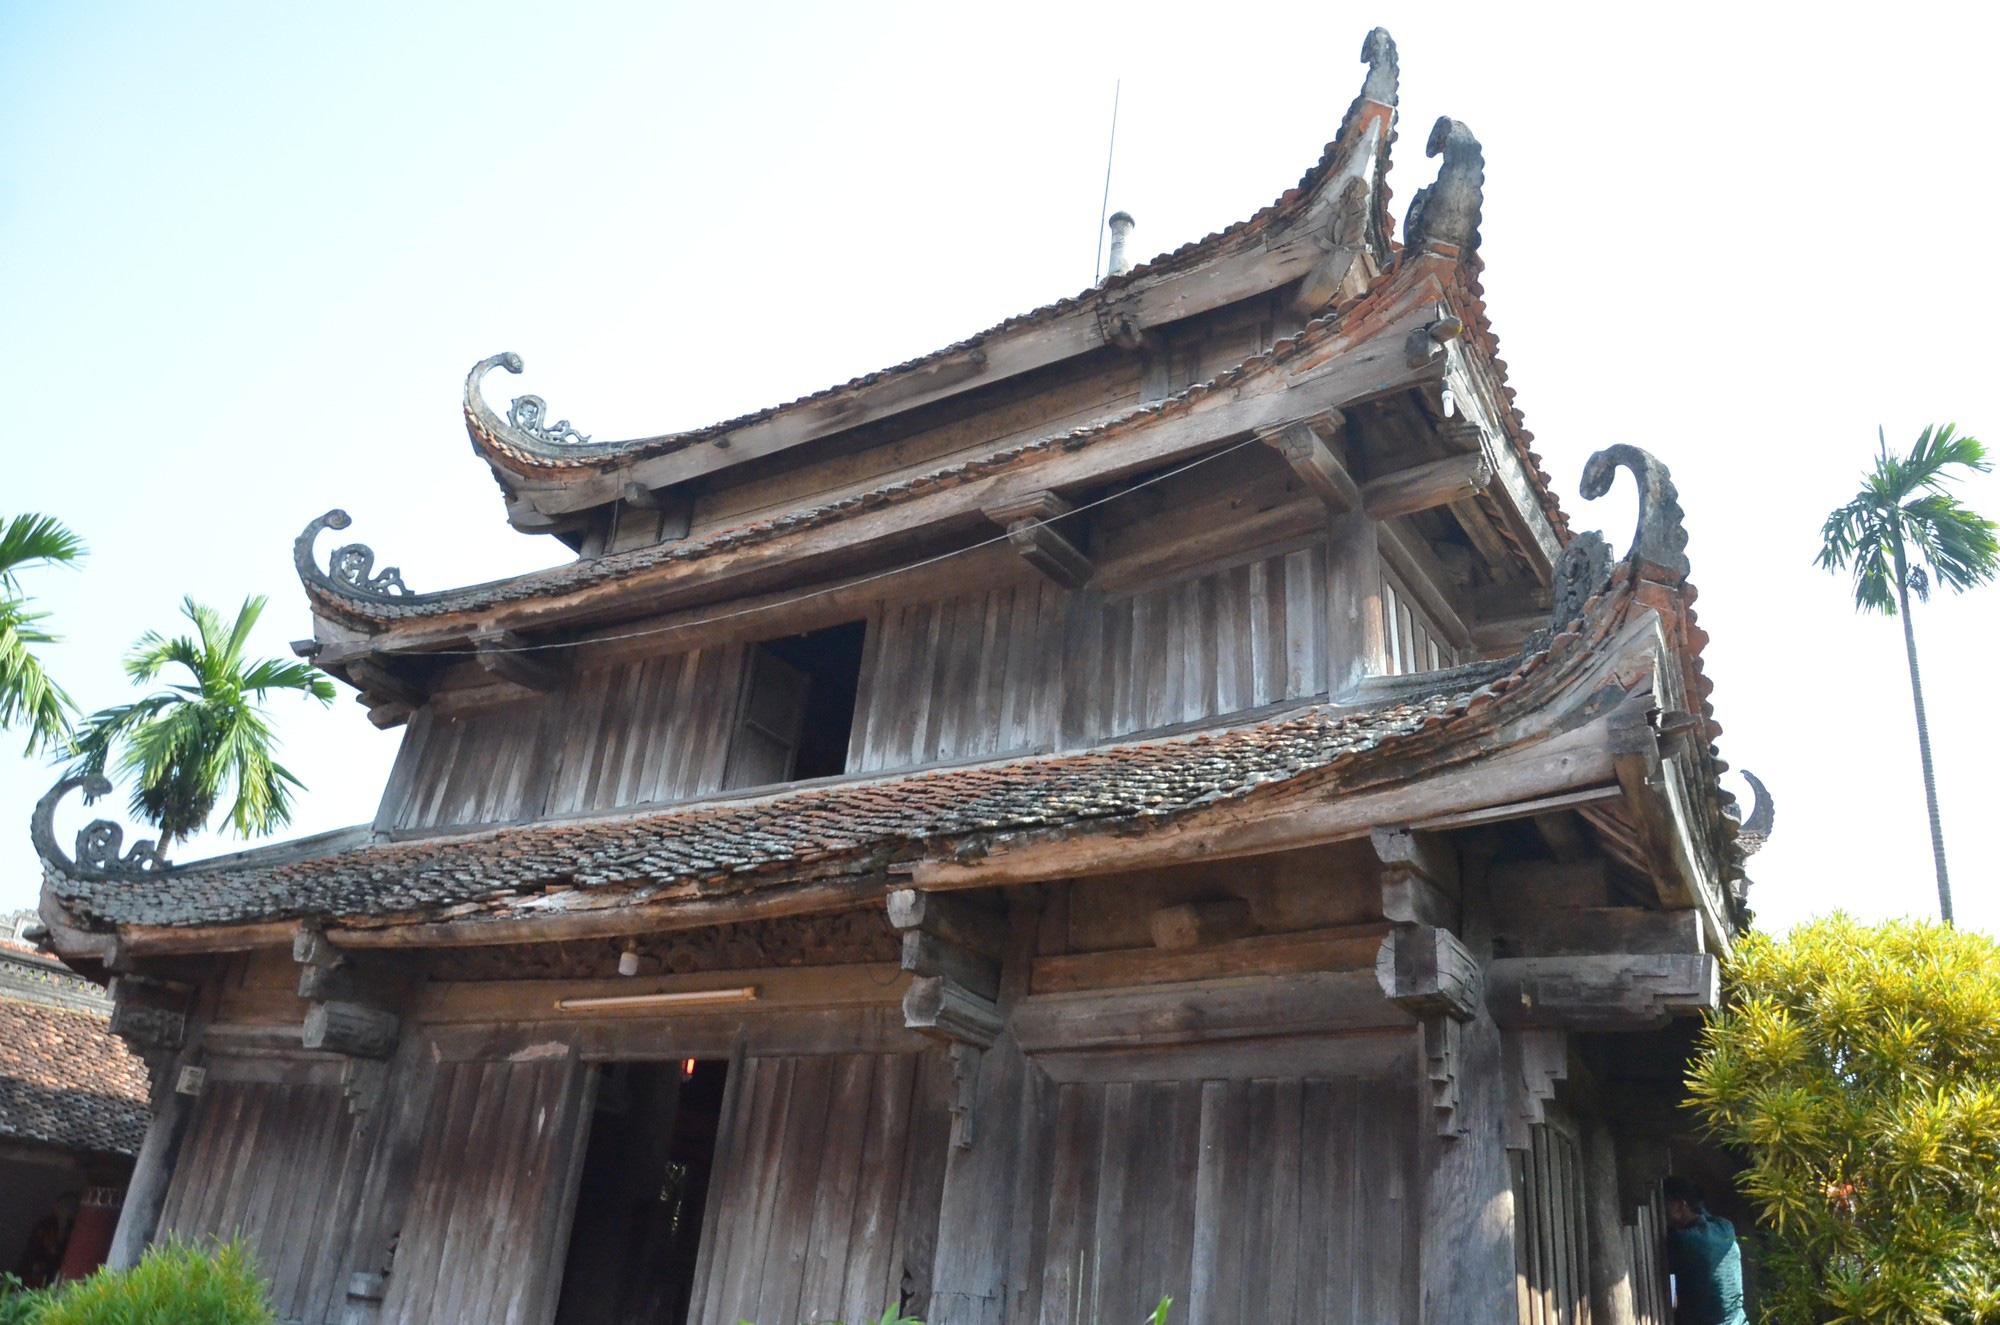 """Về chùa Giám Hải Dương chiêm ngưỡng """"báu vật"""" quốc gia từ cuối thế kỷ 17, chỉ có duy nhất ở Việt Nam  - Ảnh 3."""